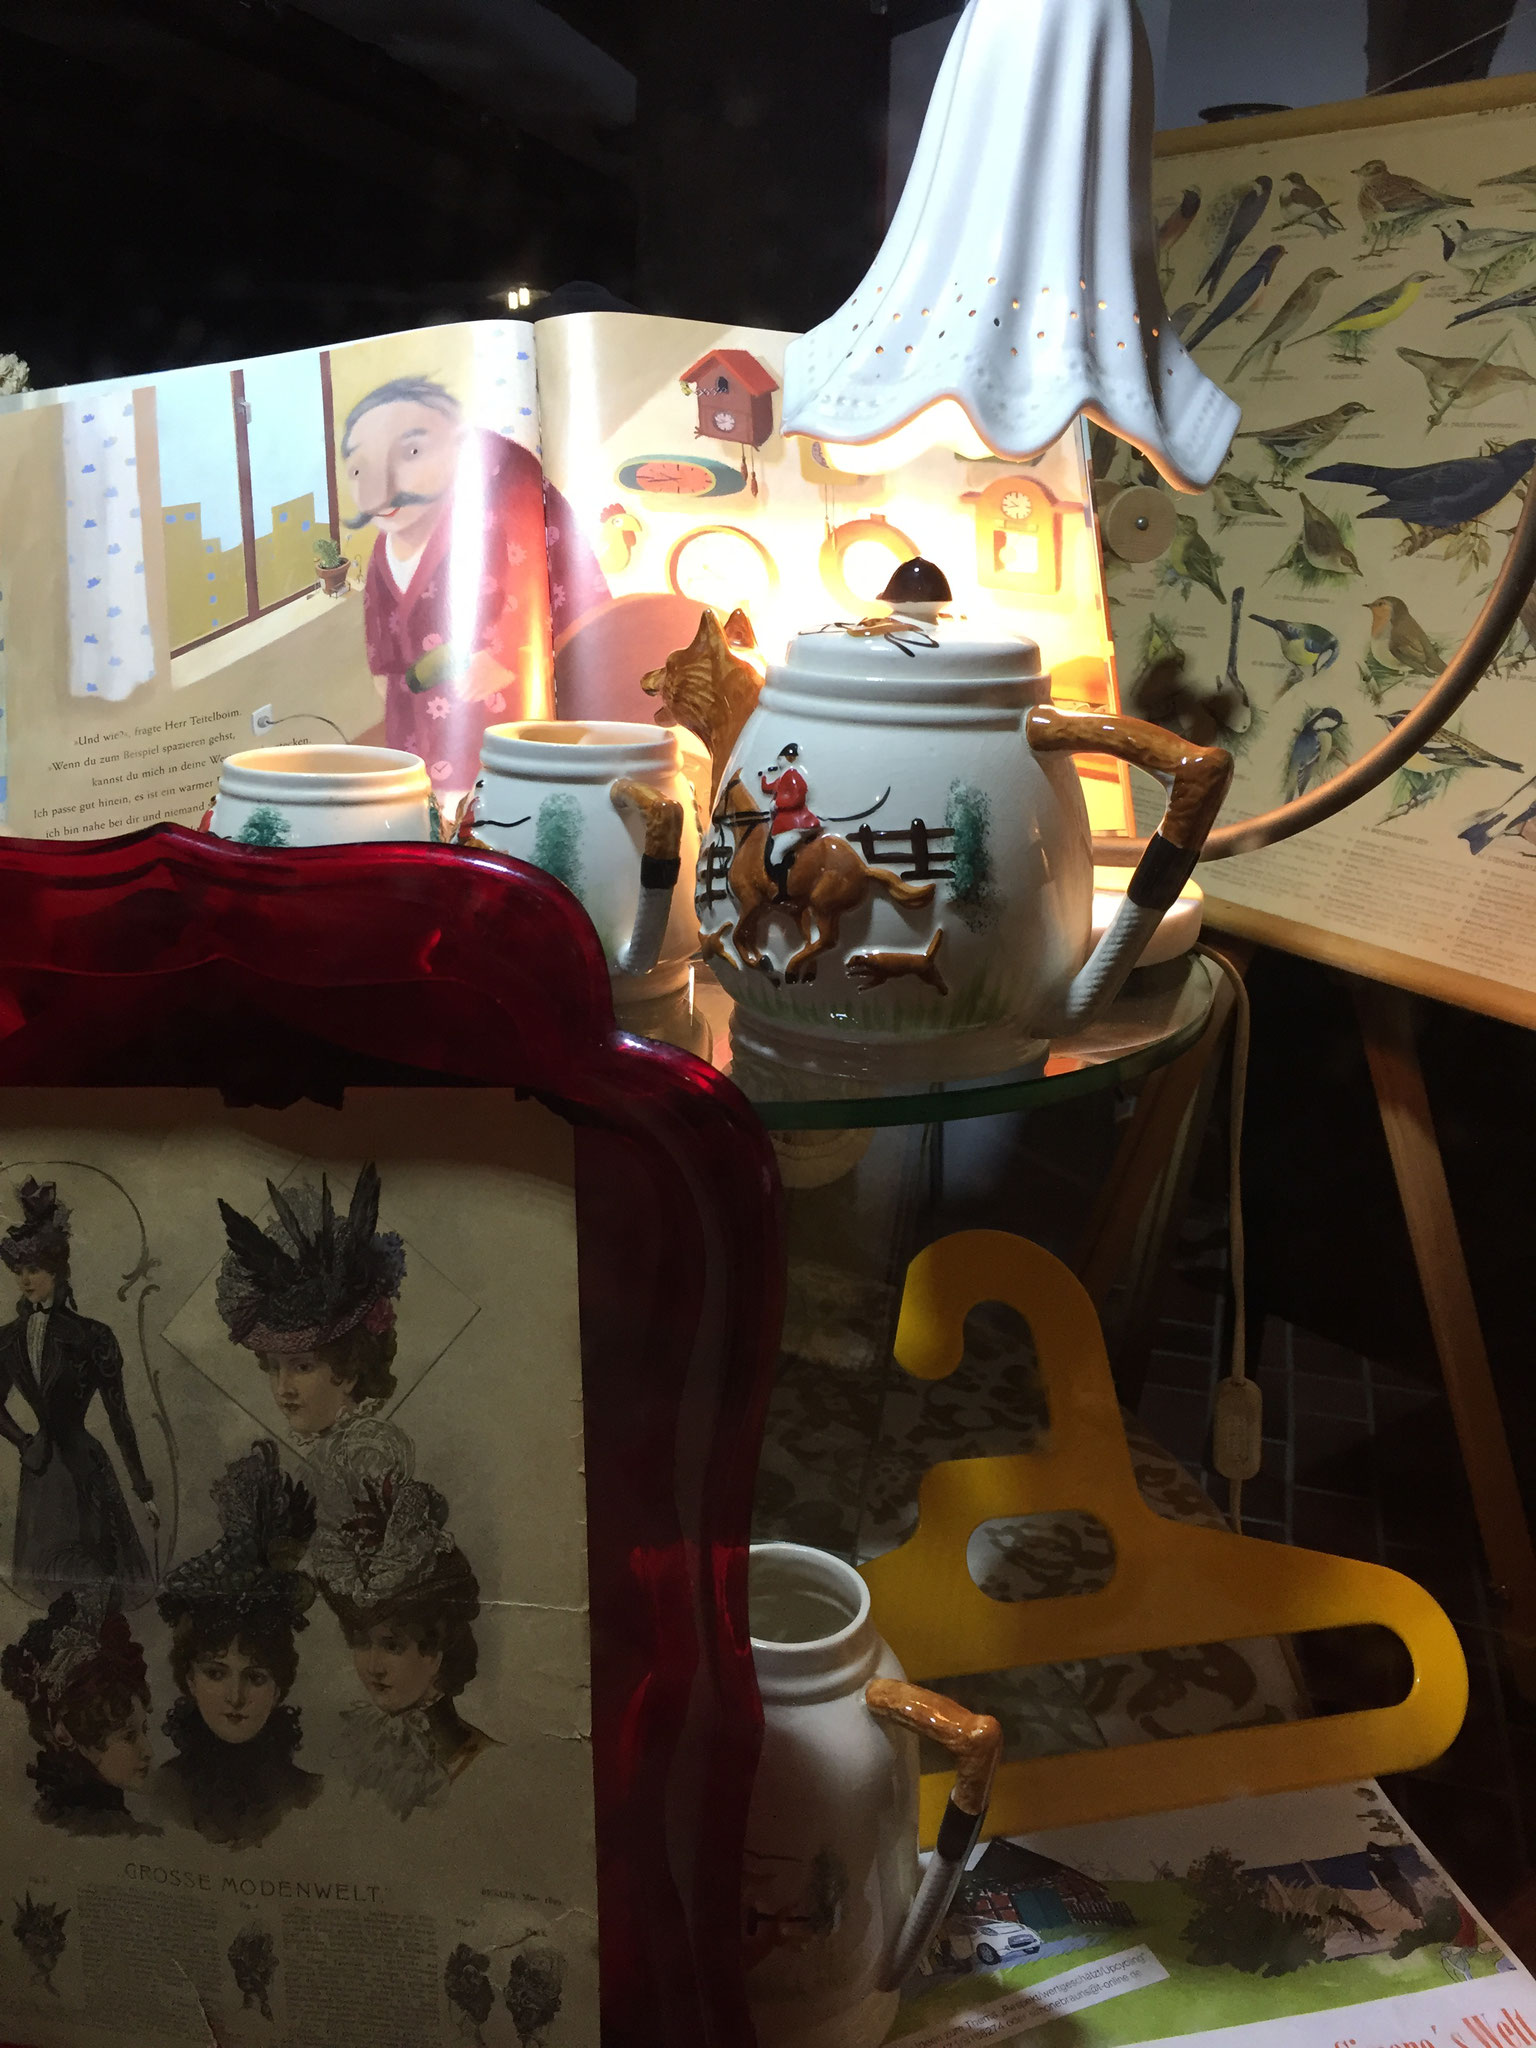 Blick in ein Stilleben-Dorfhausfenster mit Teekanne, aufgeschlagenem Buch und Vogelposter